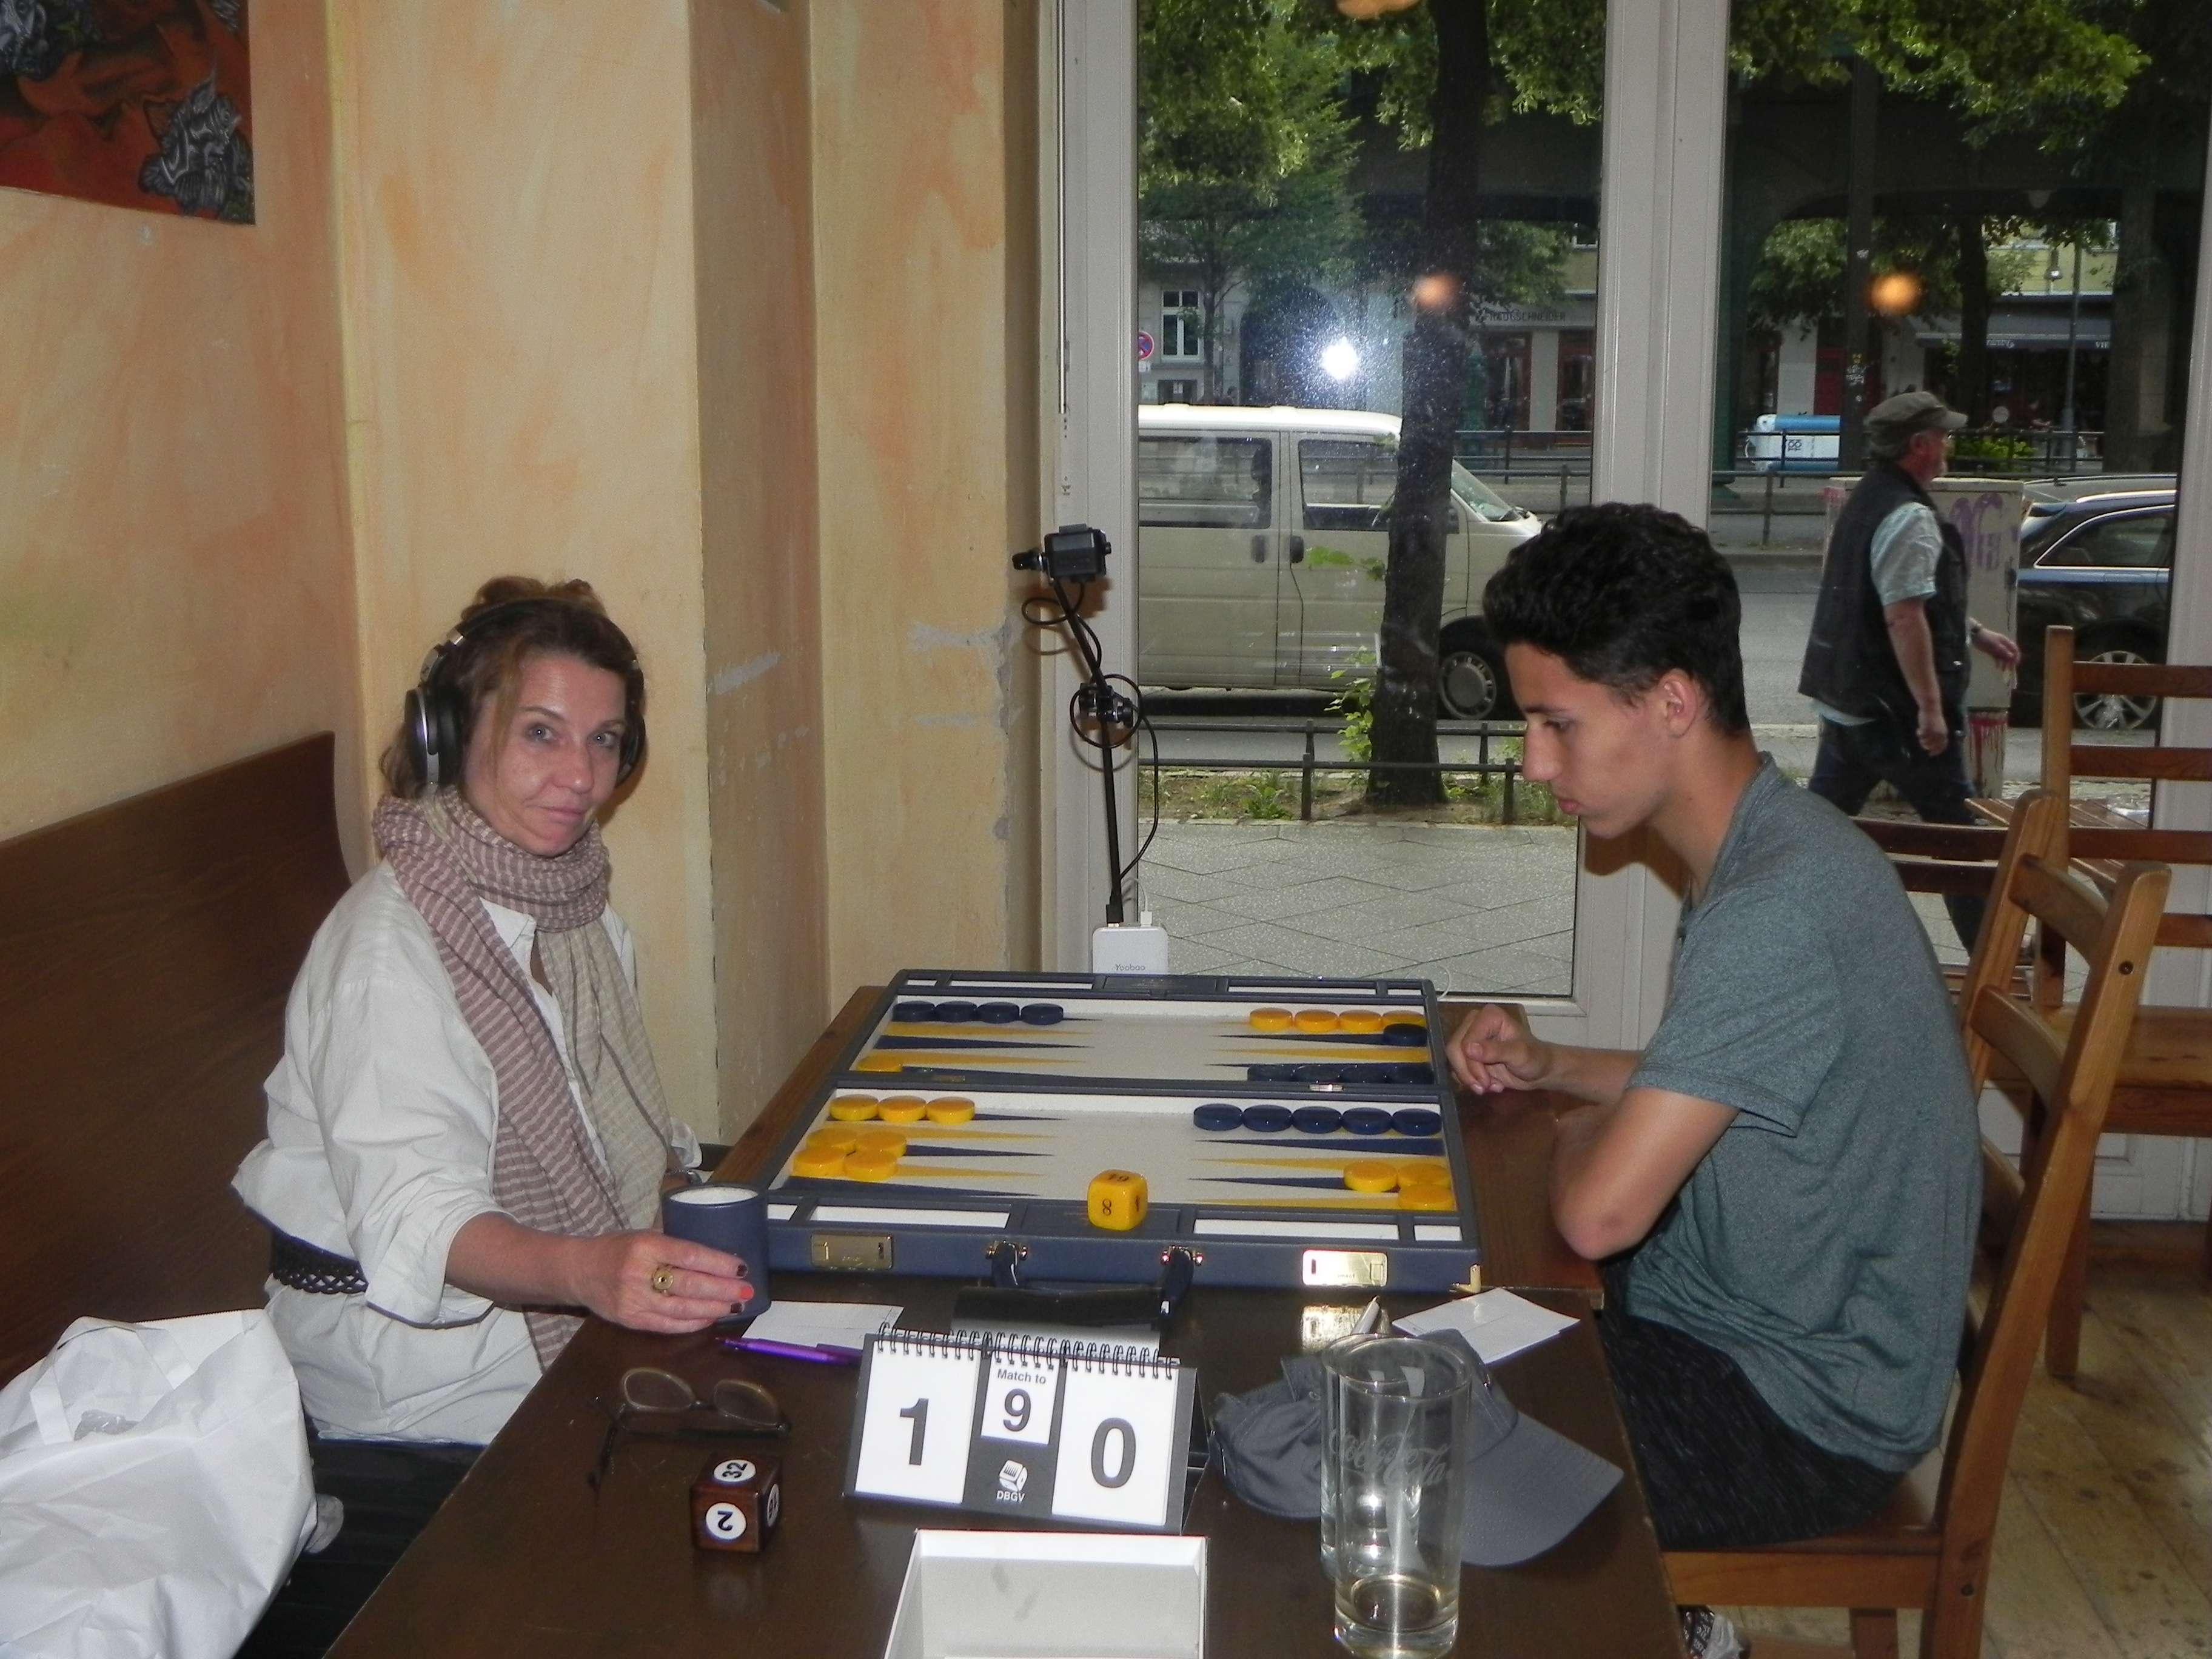 Familienangelegenheit im Finale der Second Chance: Sabine Brinkmann und Yonas Lamnabhi. Sabine lacht nicht wie gewohnt. Ahnt sie schon, dass sie dieses Match nicht gewinnen wird?